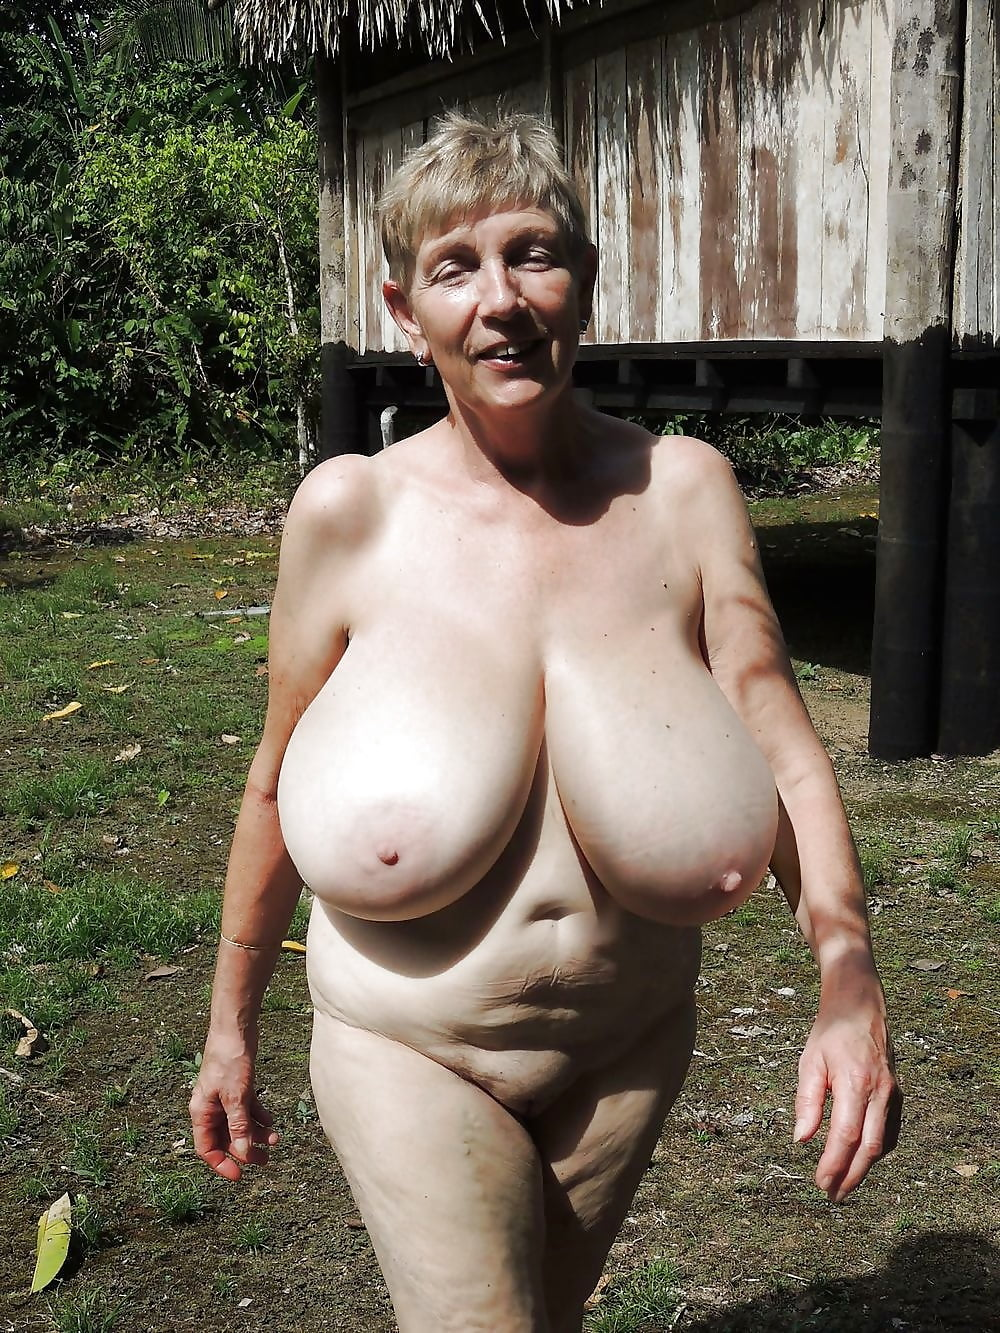 Большие голые старые сиськи на грядке видео, анальные фермерши порно фильмы